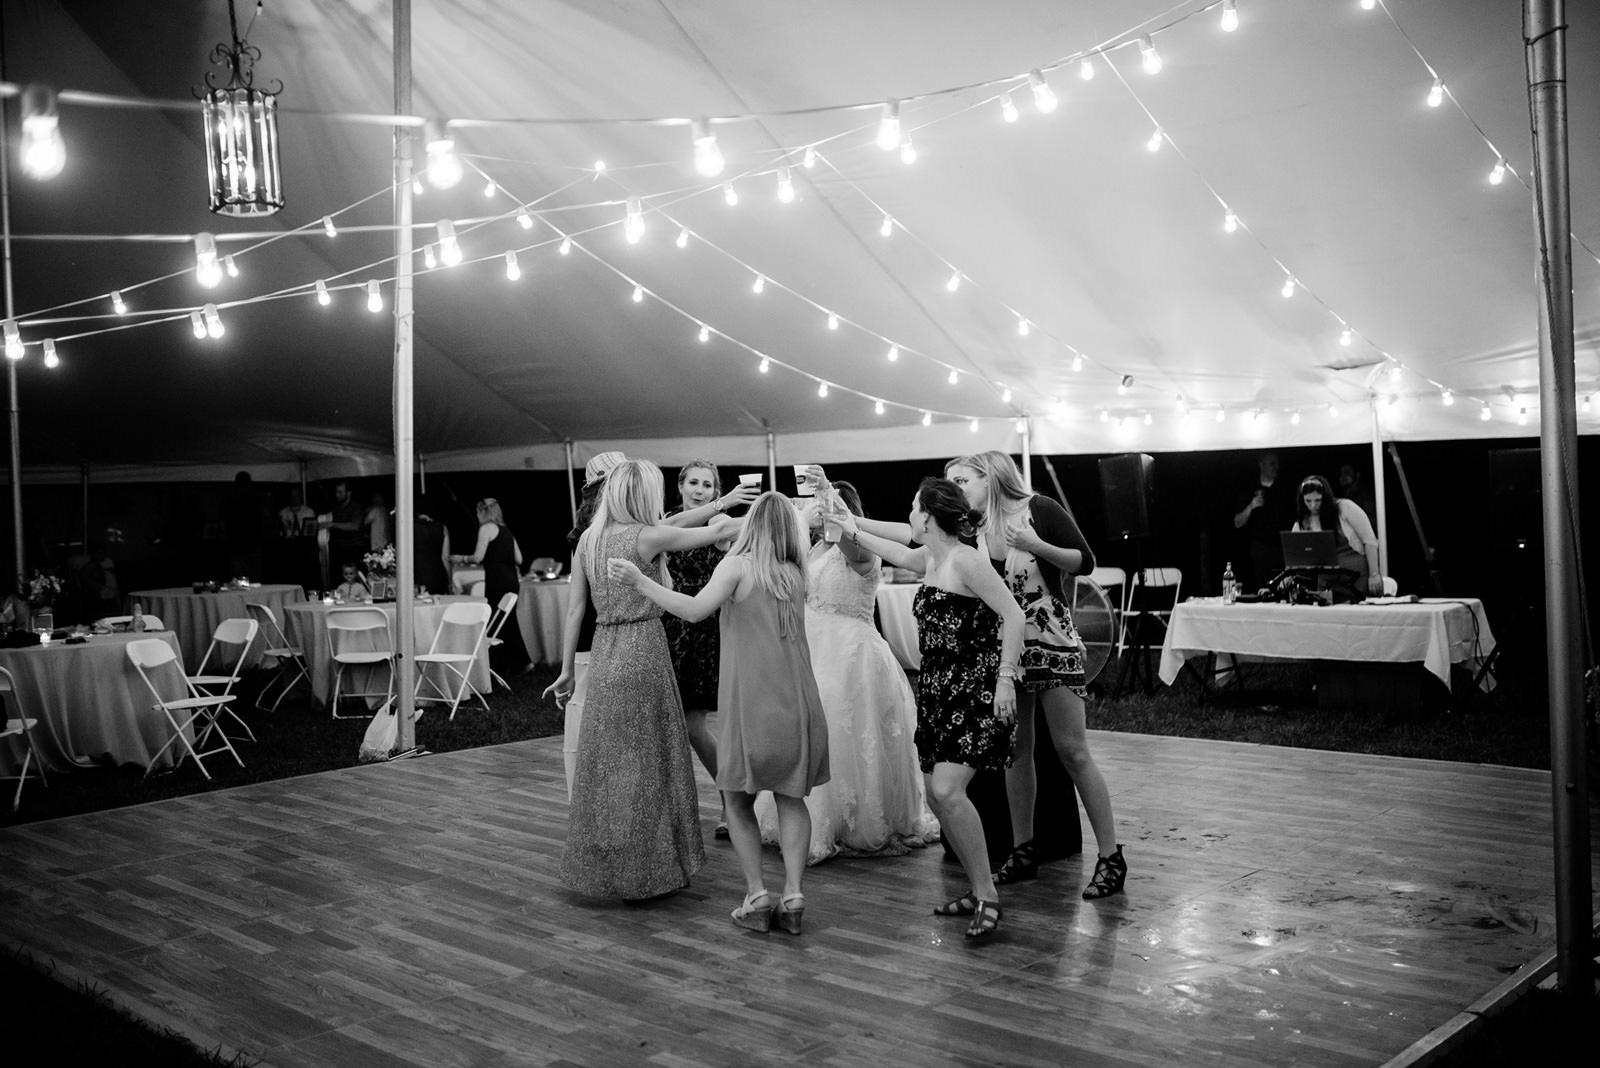 dancefloor toast